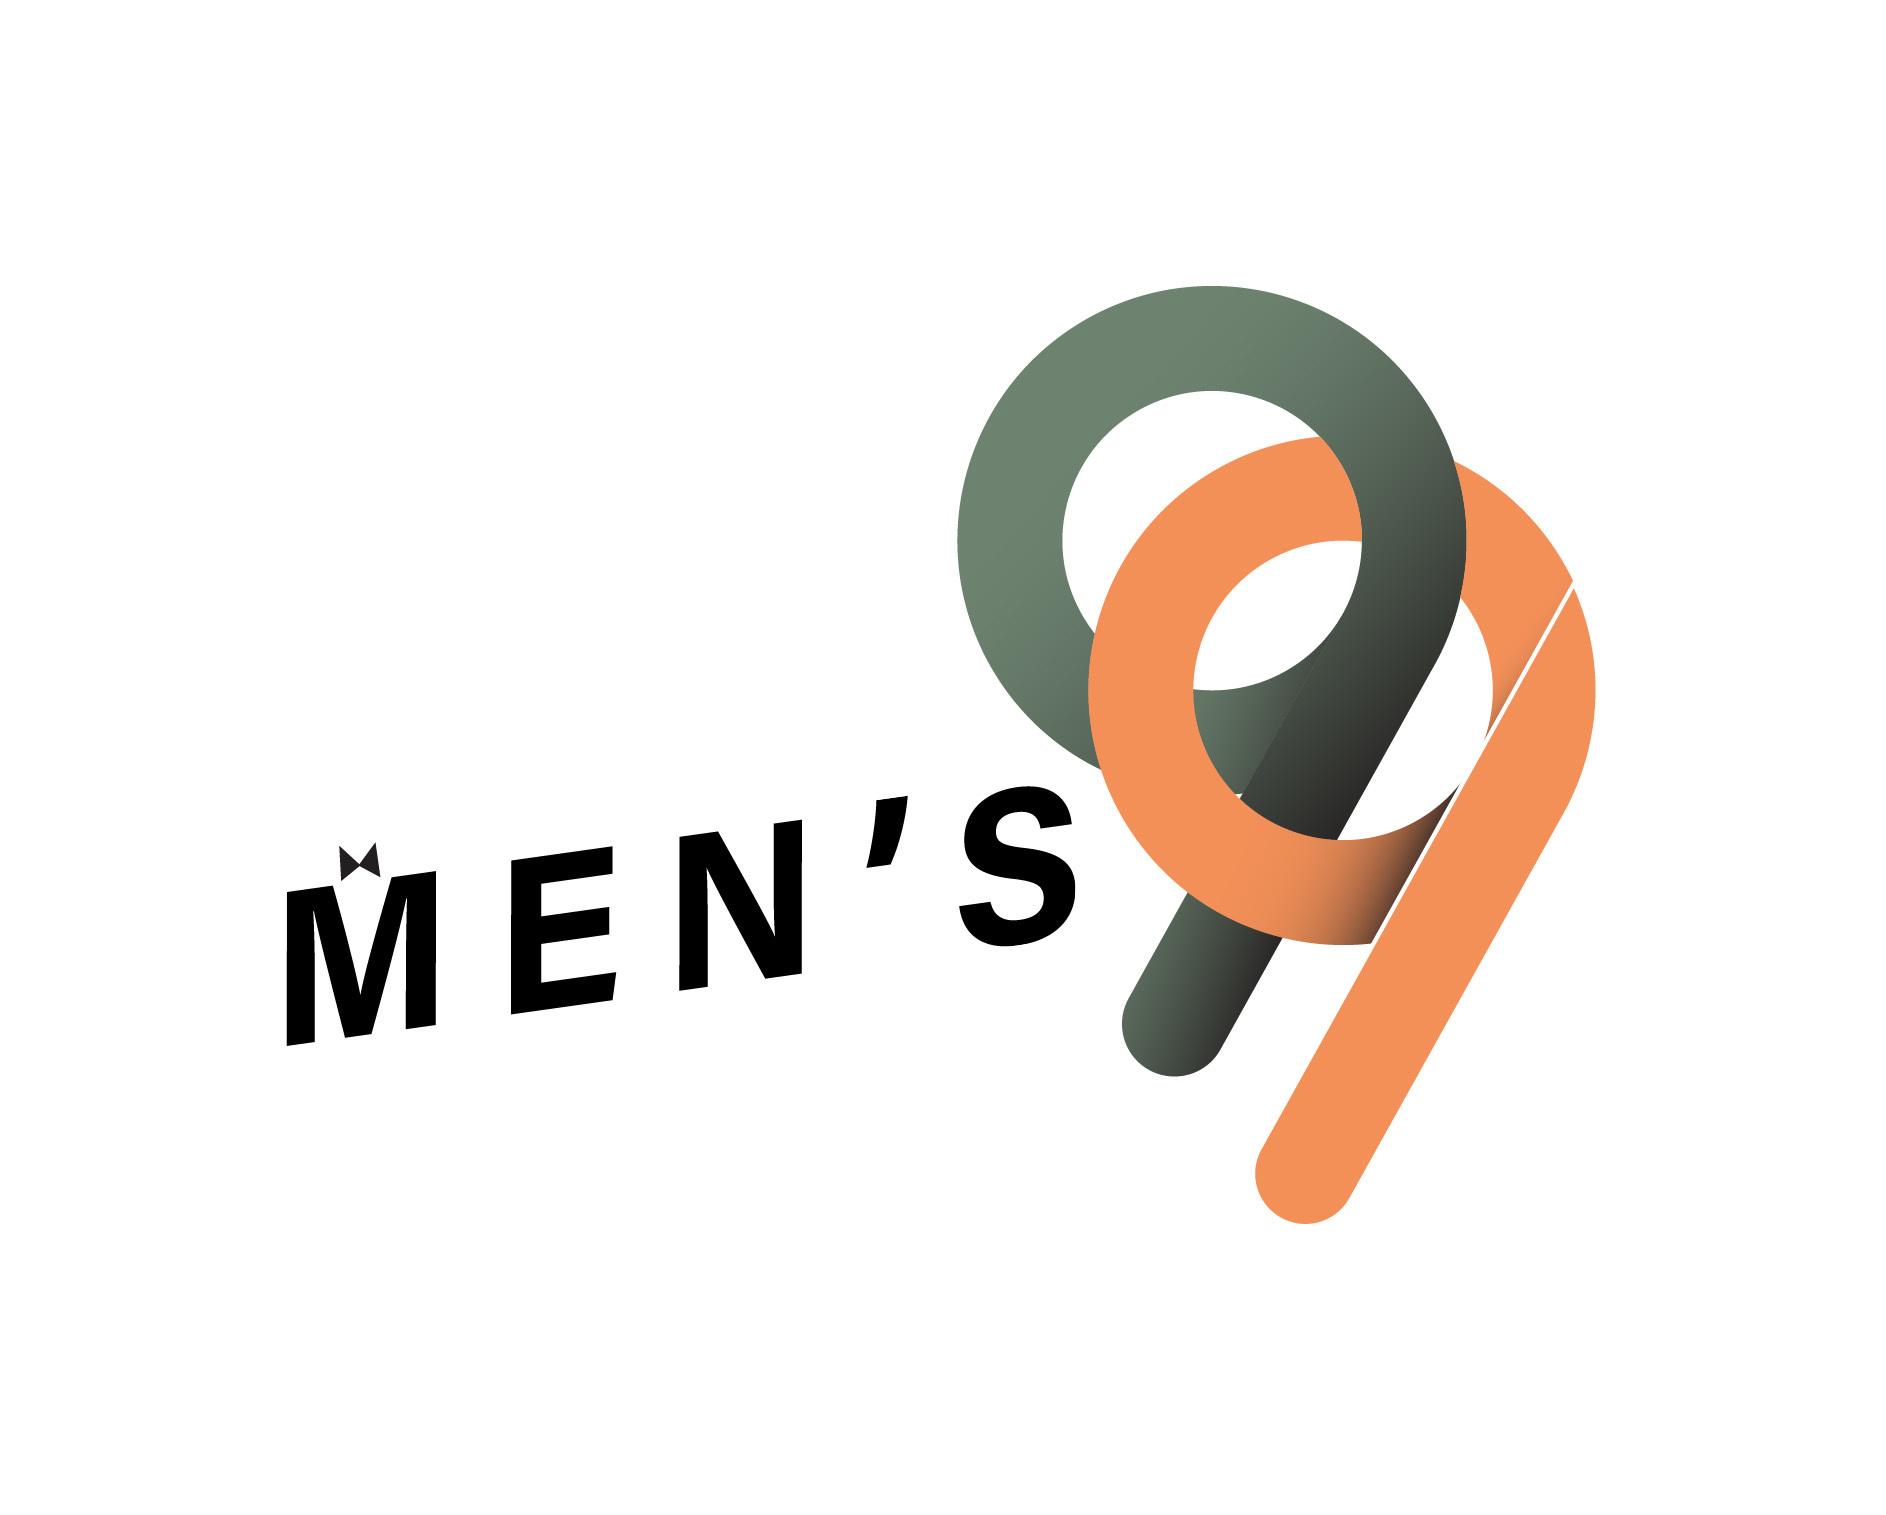 mens99 logo